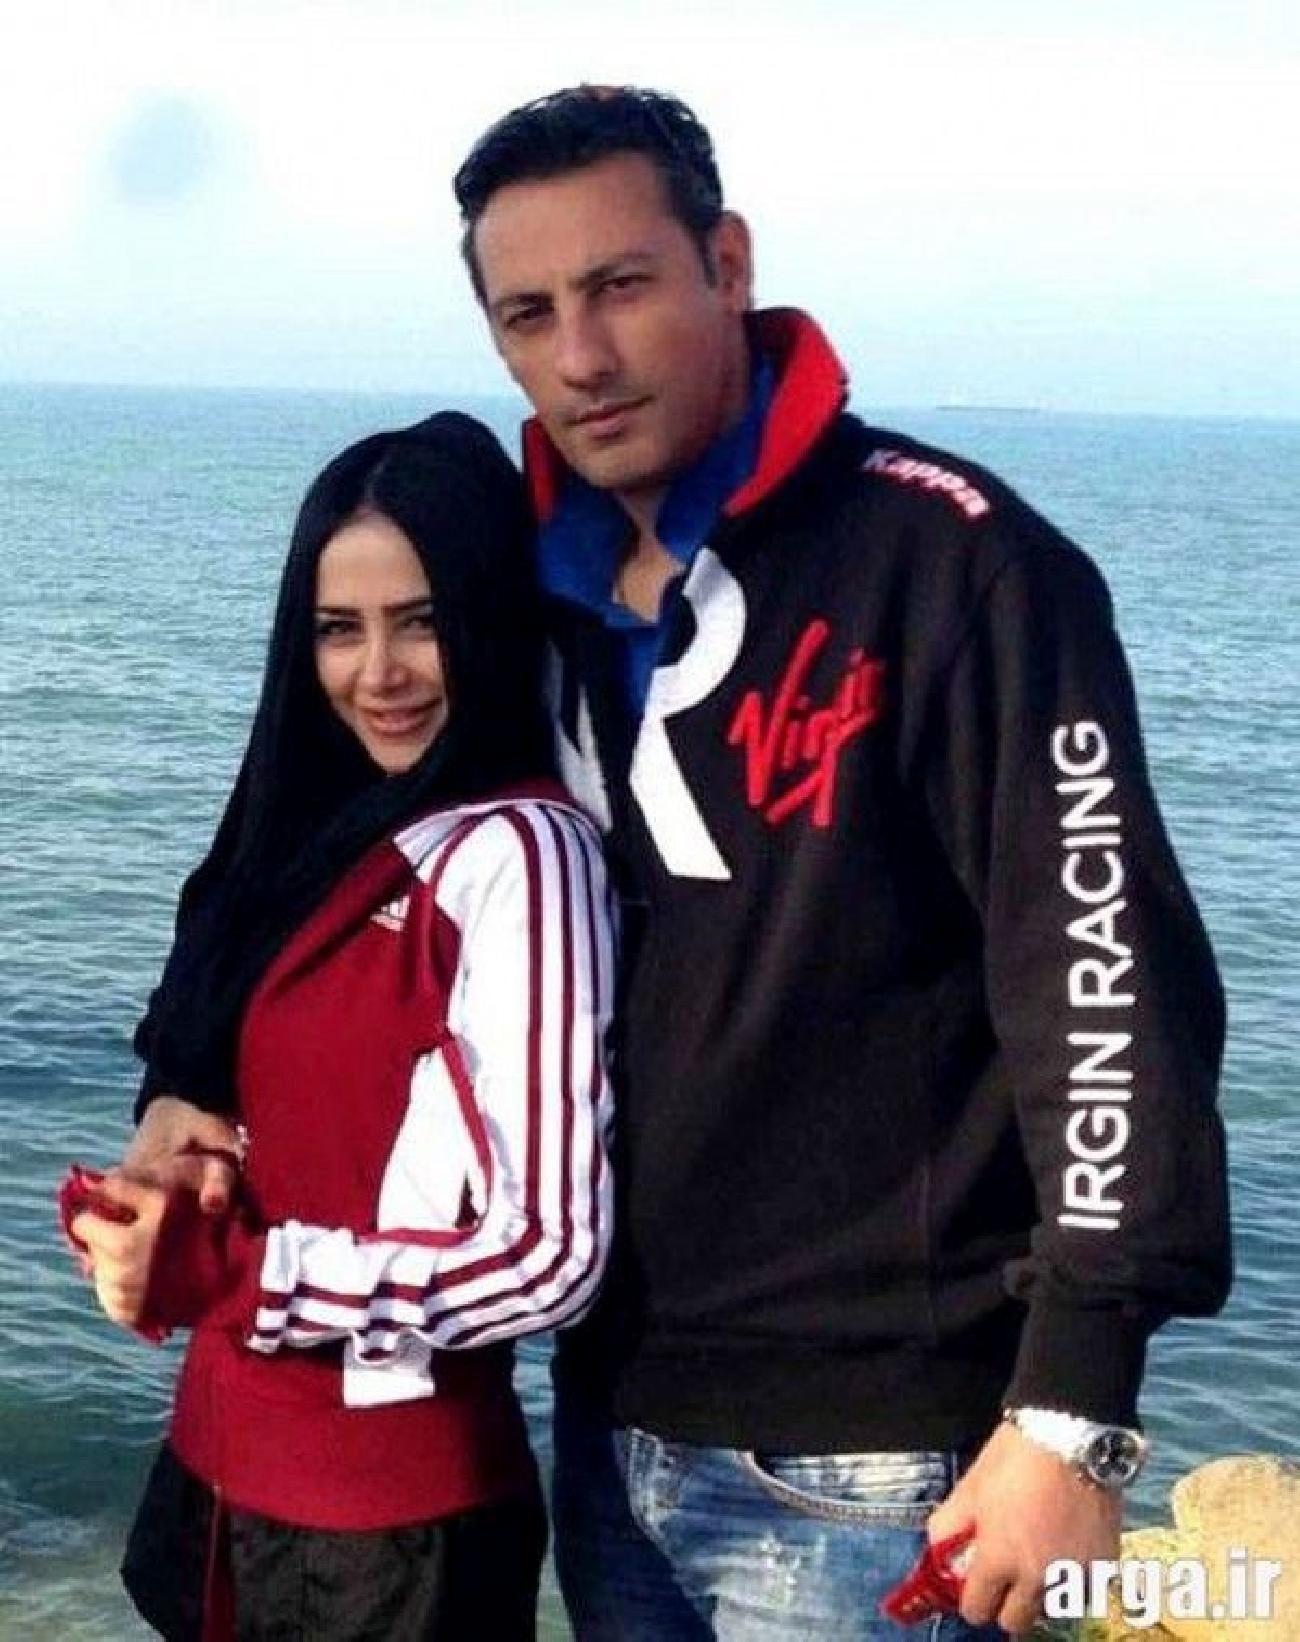 عکس های جنجالی الناز حبیبی و همسرش لب دریا + تصاویر و بیوگرافی